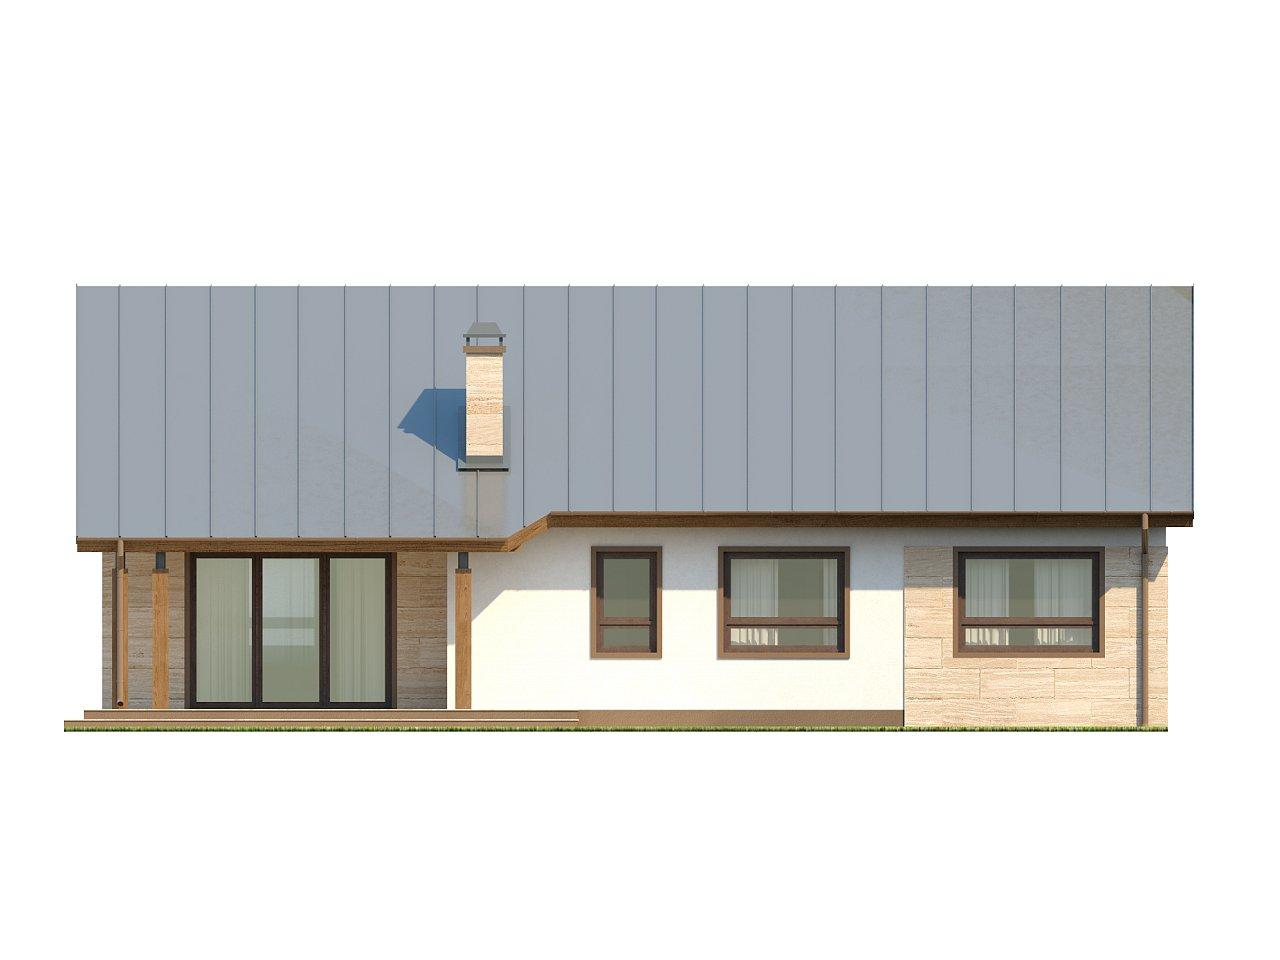 Проект выгодного одноэтажного дома с возможностью адаптации чердачного помещения. 17